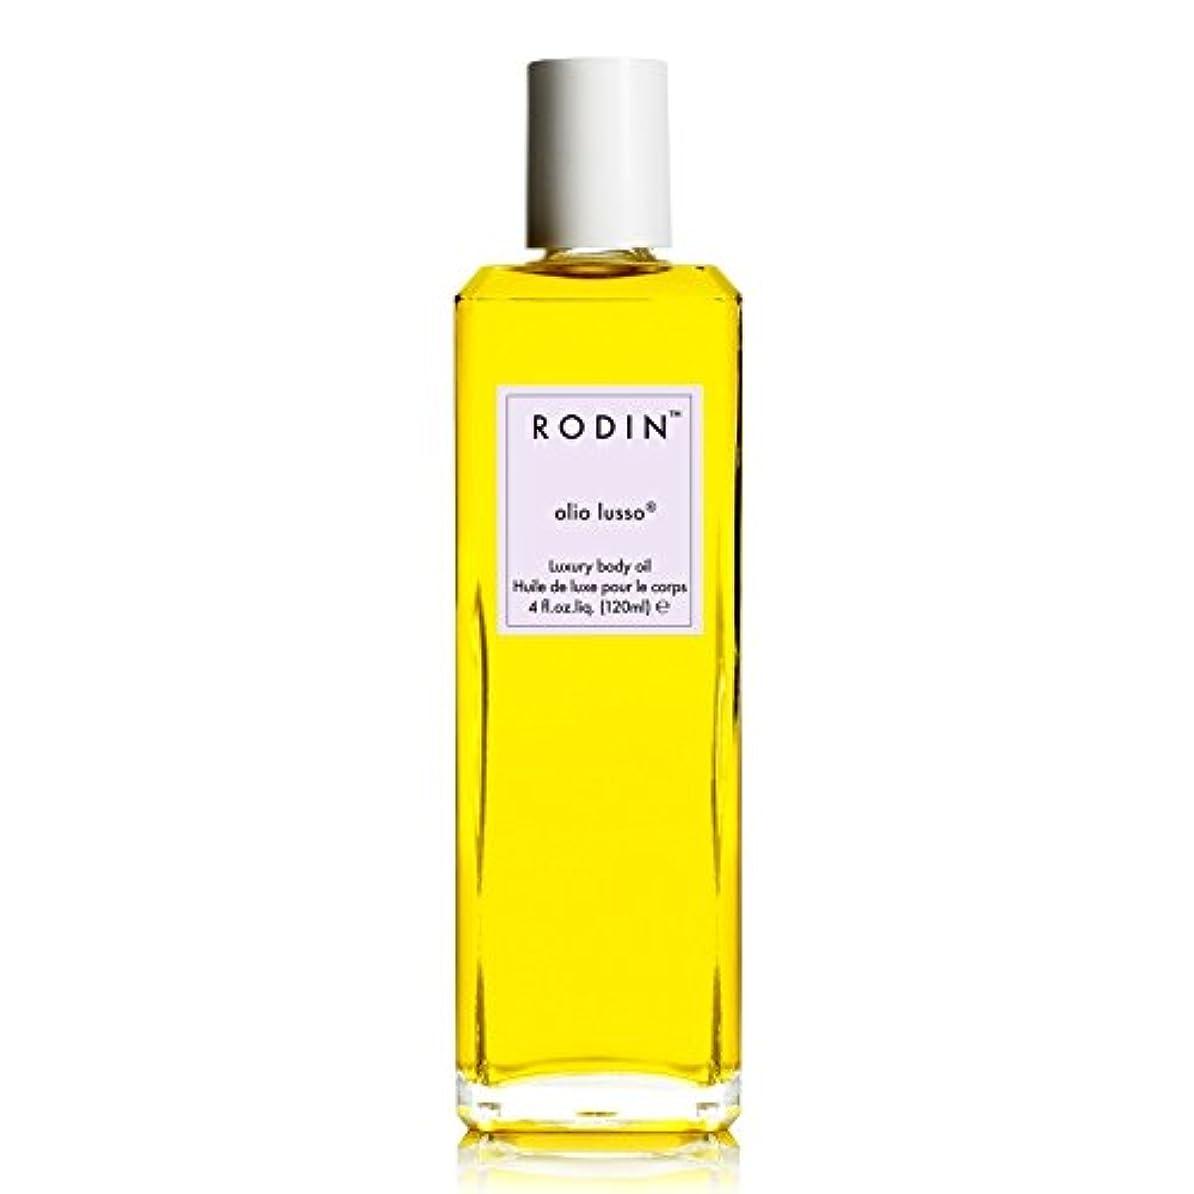 支配するわずかに食堂ロダンルッソラベンダー絶対贅沢なボディオイル30ミリリットル x4 - RODIN olio lusso Lavender Absolute Luxury Body Oil 30ml (Pack of 4) [並行輸入品]